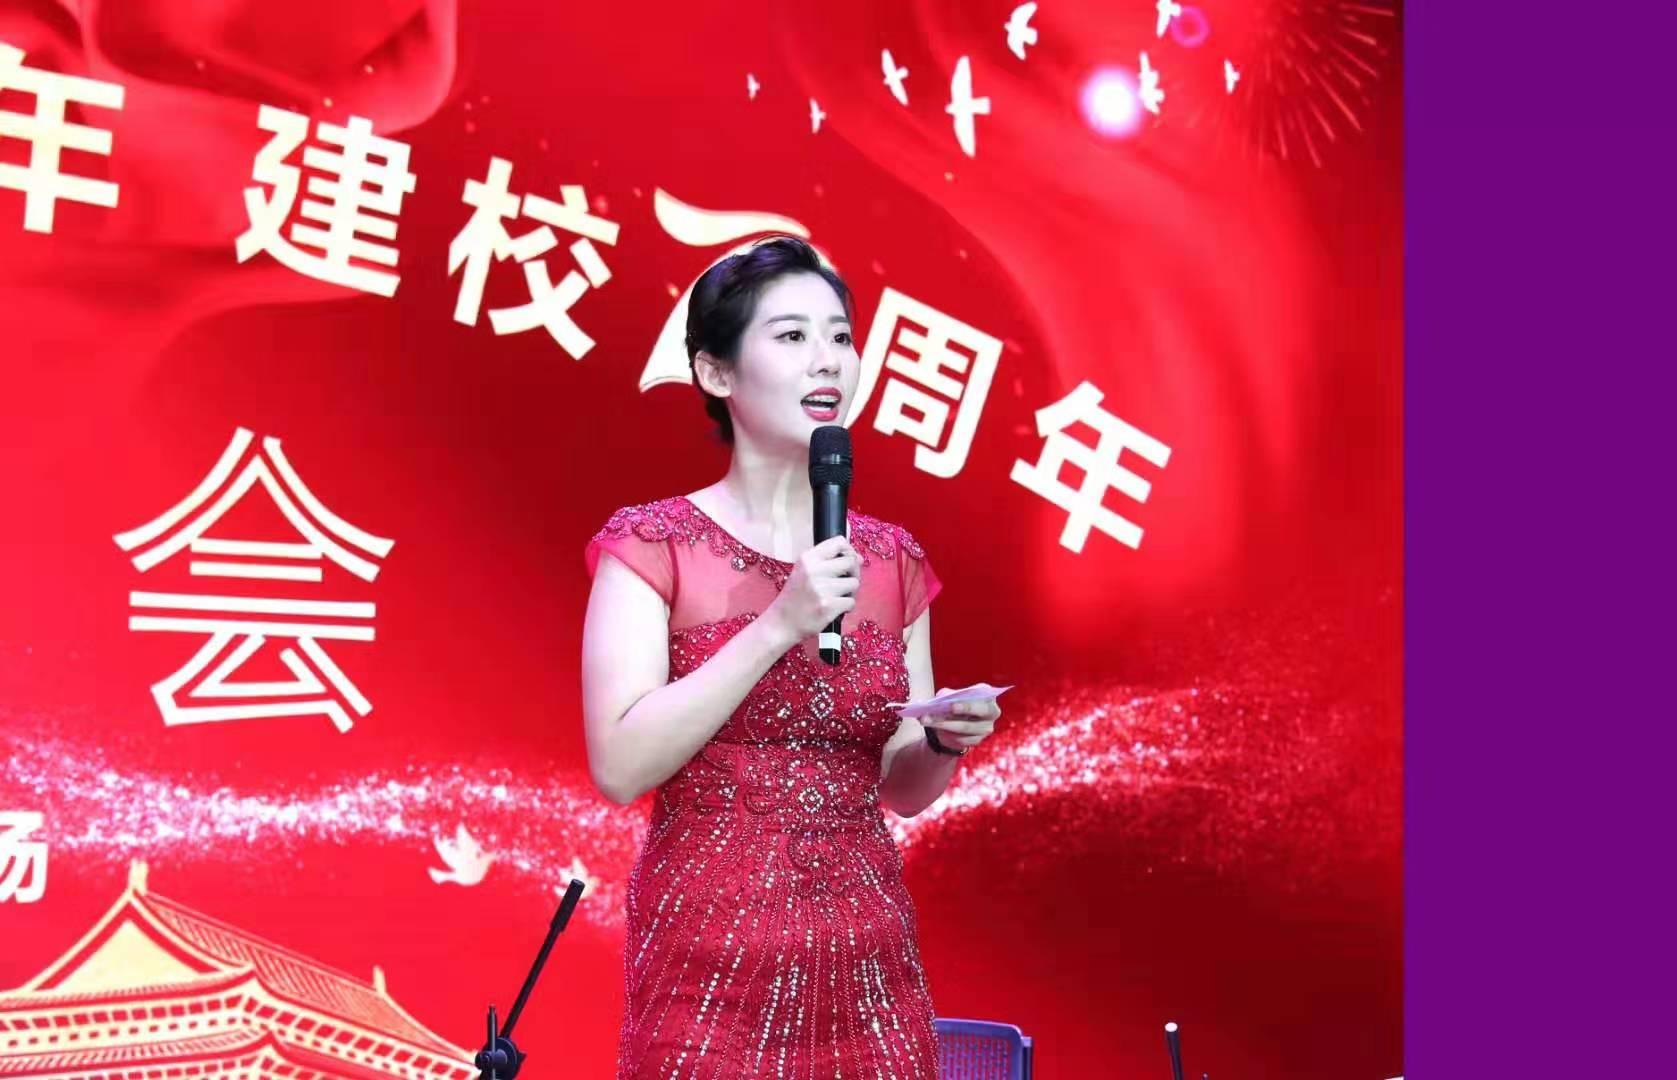 音乐学院举行庆祝中华人民共和国成立70周年器乐专场音乐会